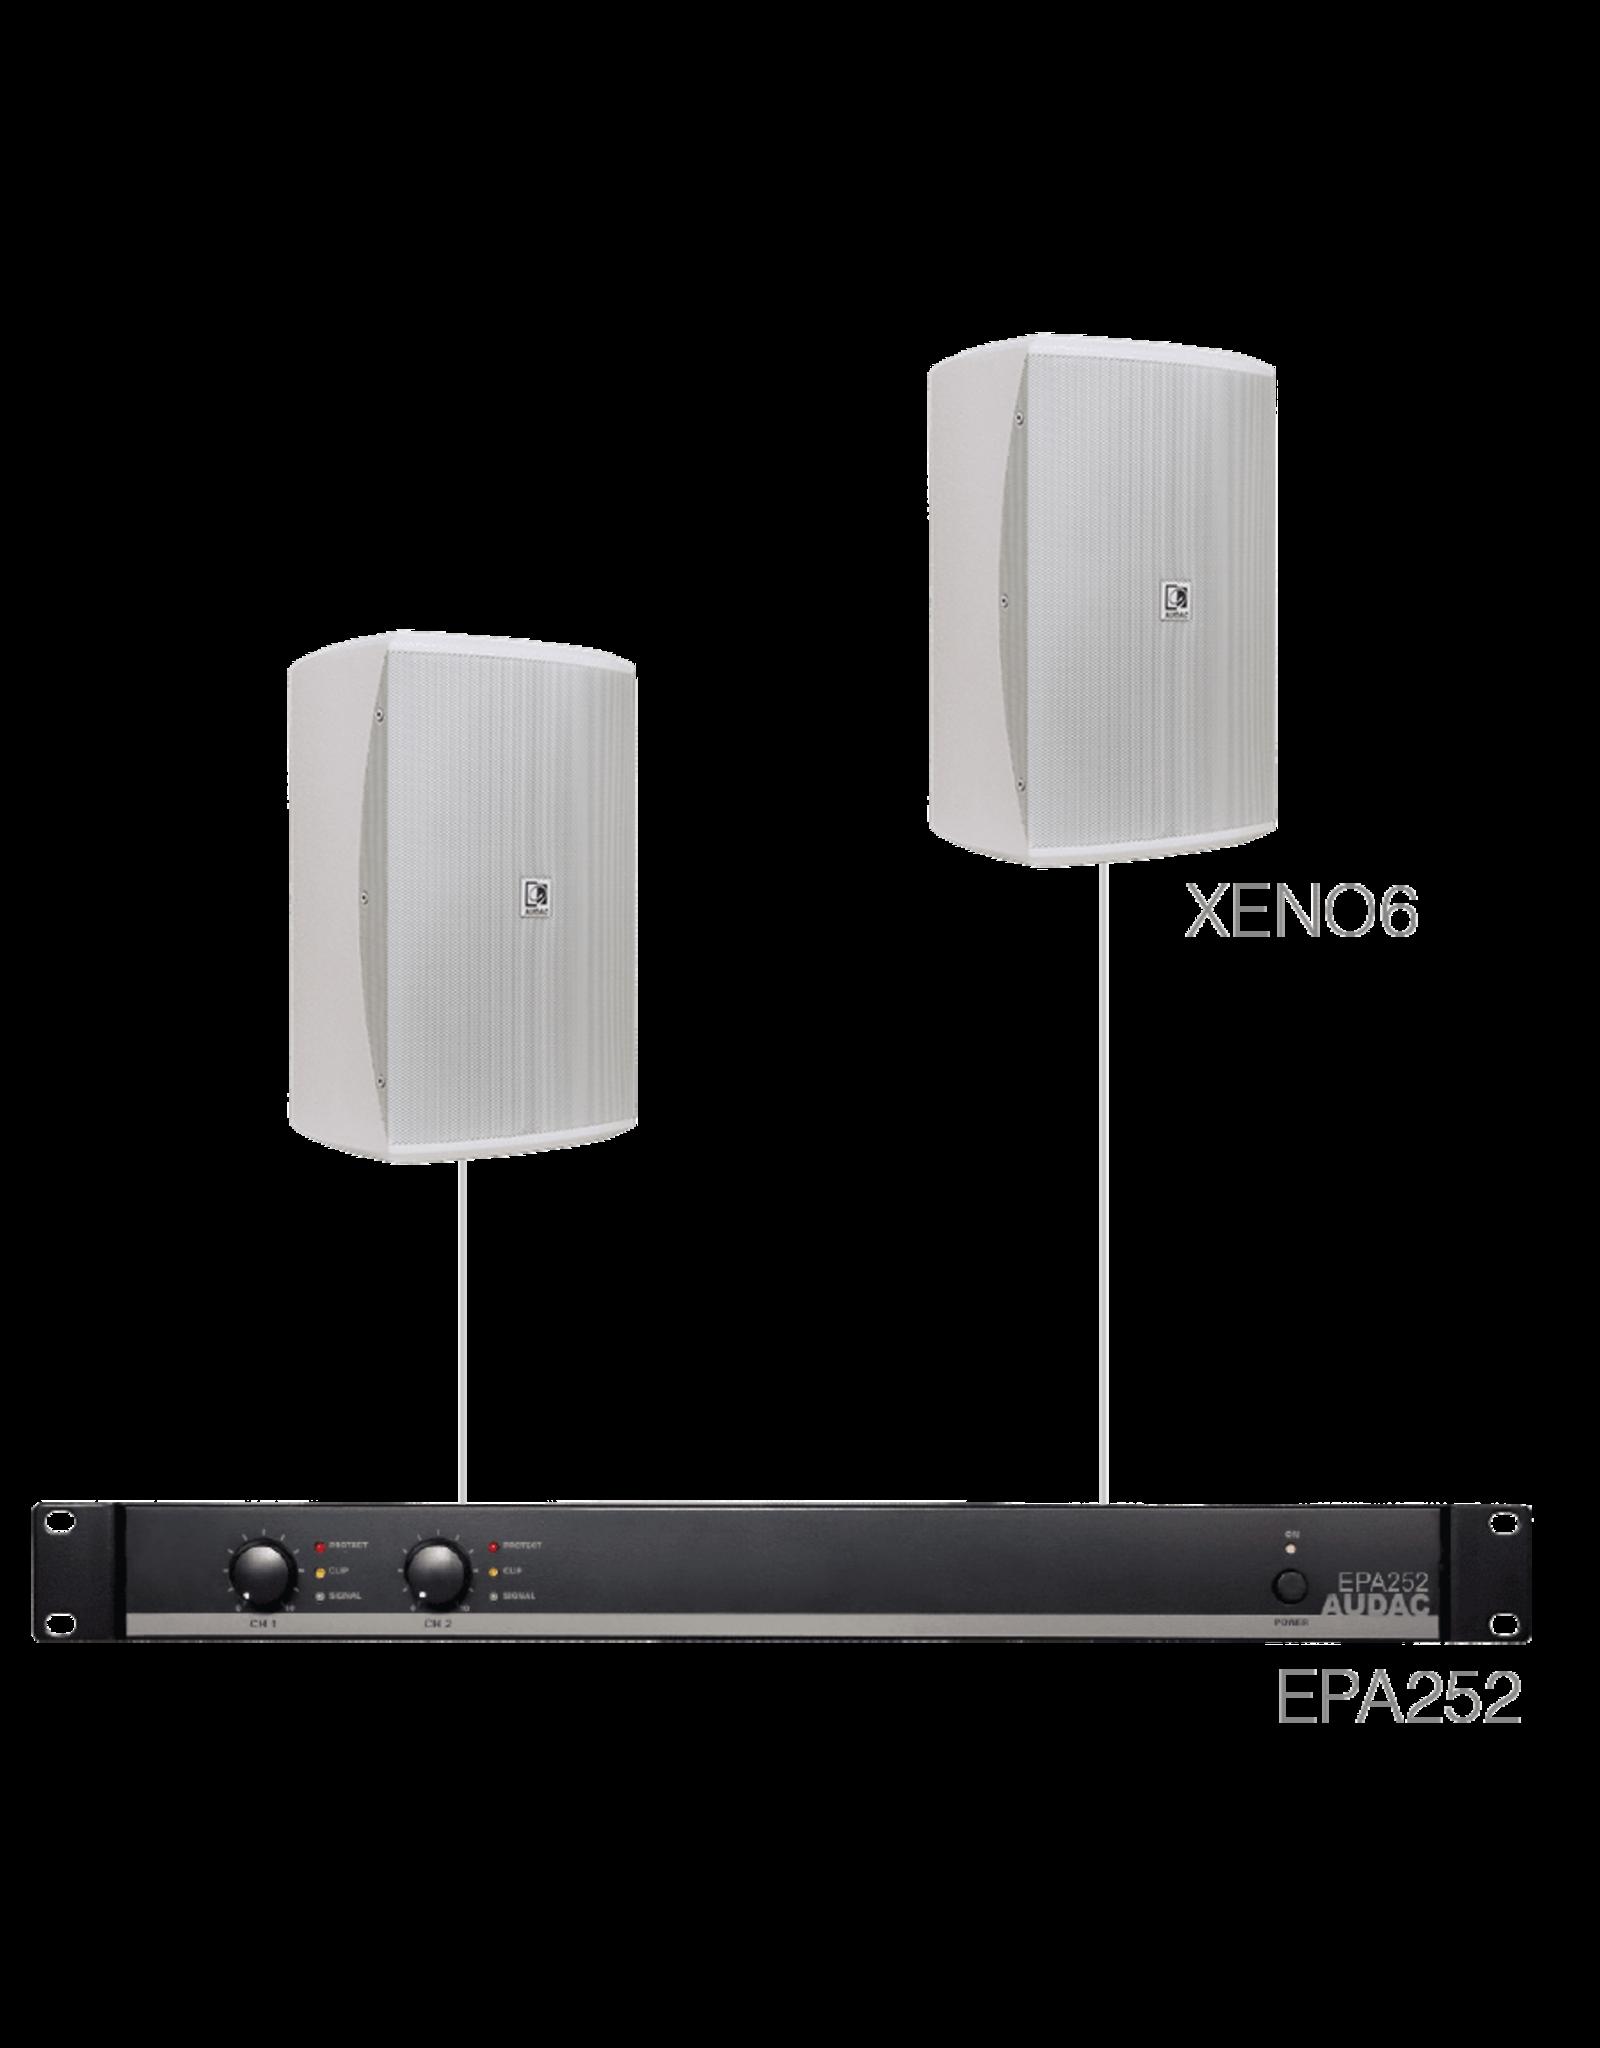 Audac 2 x XENO6 + EPA252 White